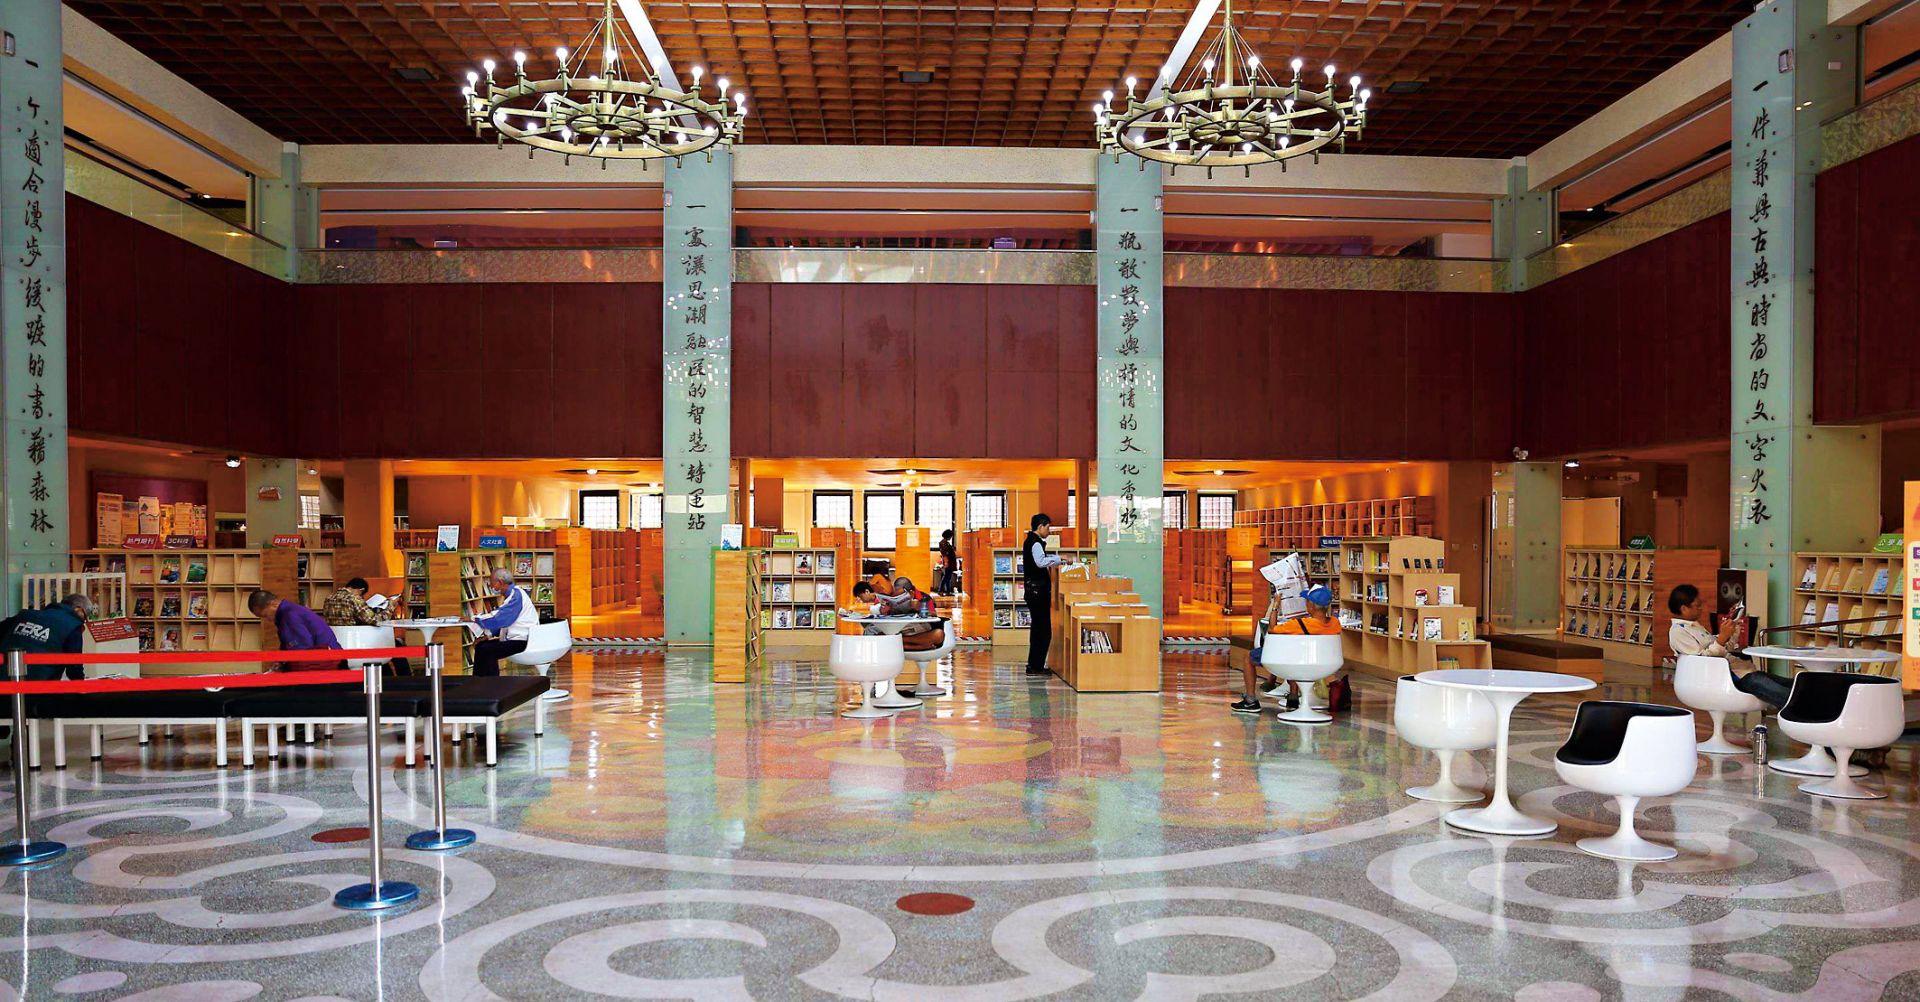 彰化縣立圖書館